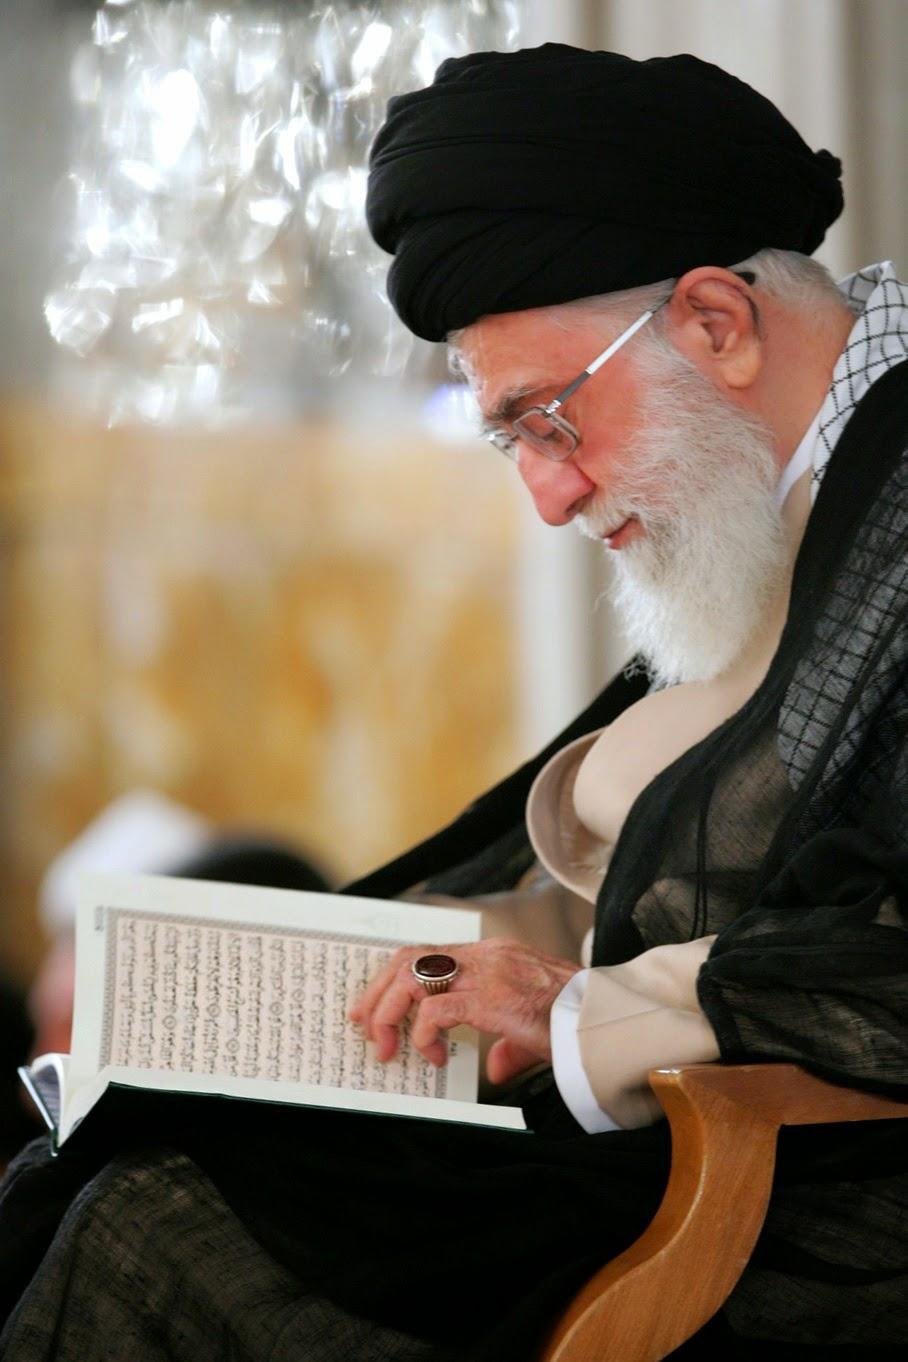 حاضرم هرچه دارم، بدهم و حفظ قرآن را بگیرم...